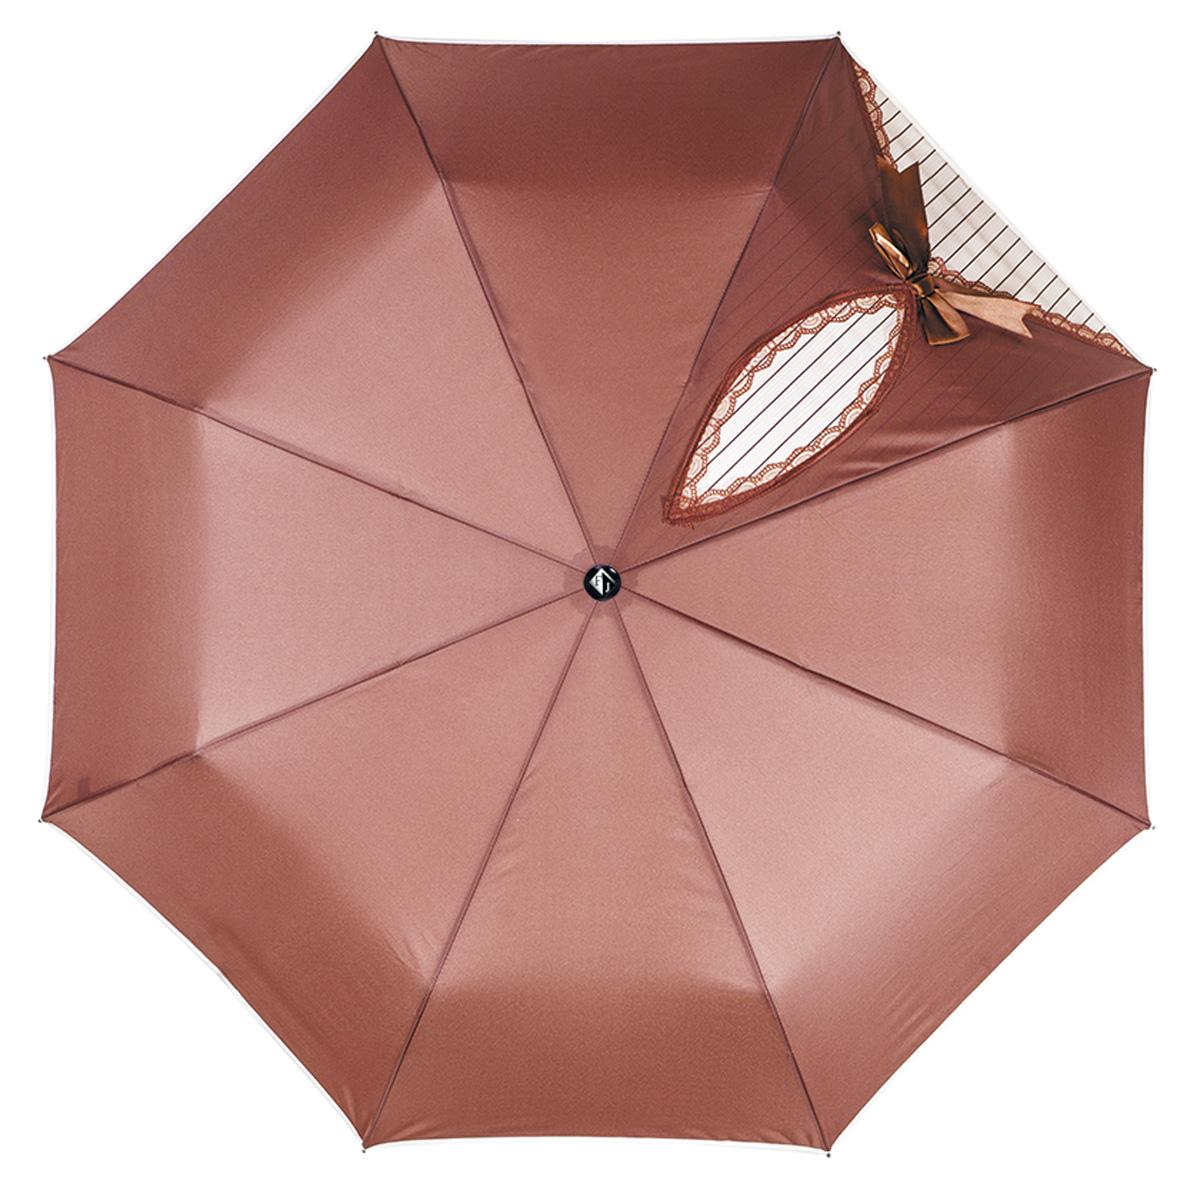 Купить Зонт женский Flioraj Кокетка , автомат, 3 сложения, цвет: коричневый. 20001 FJ,